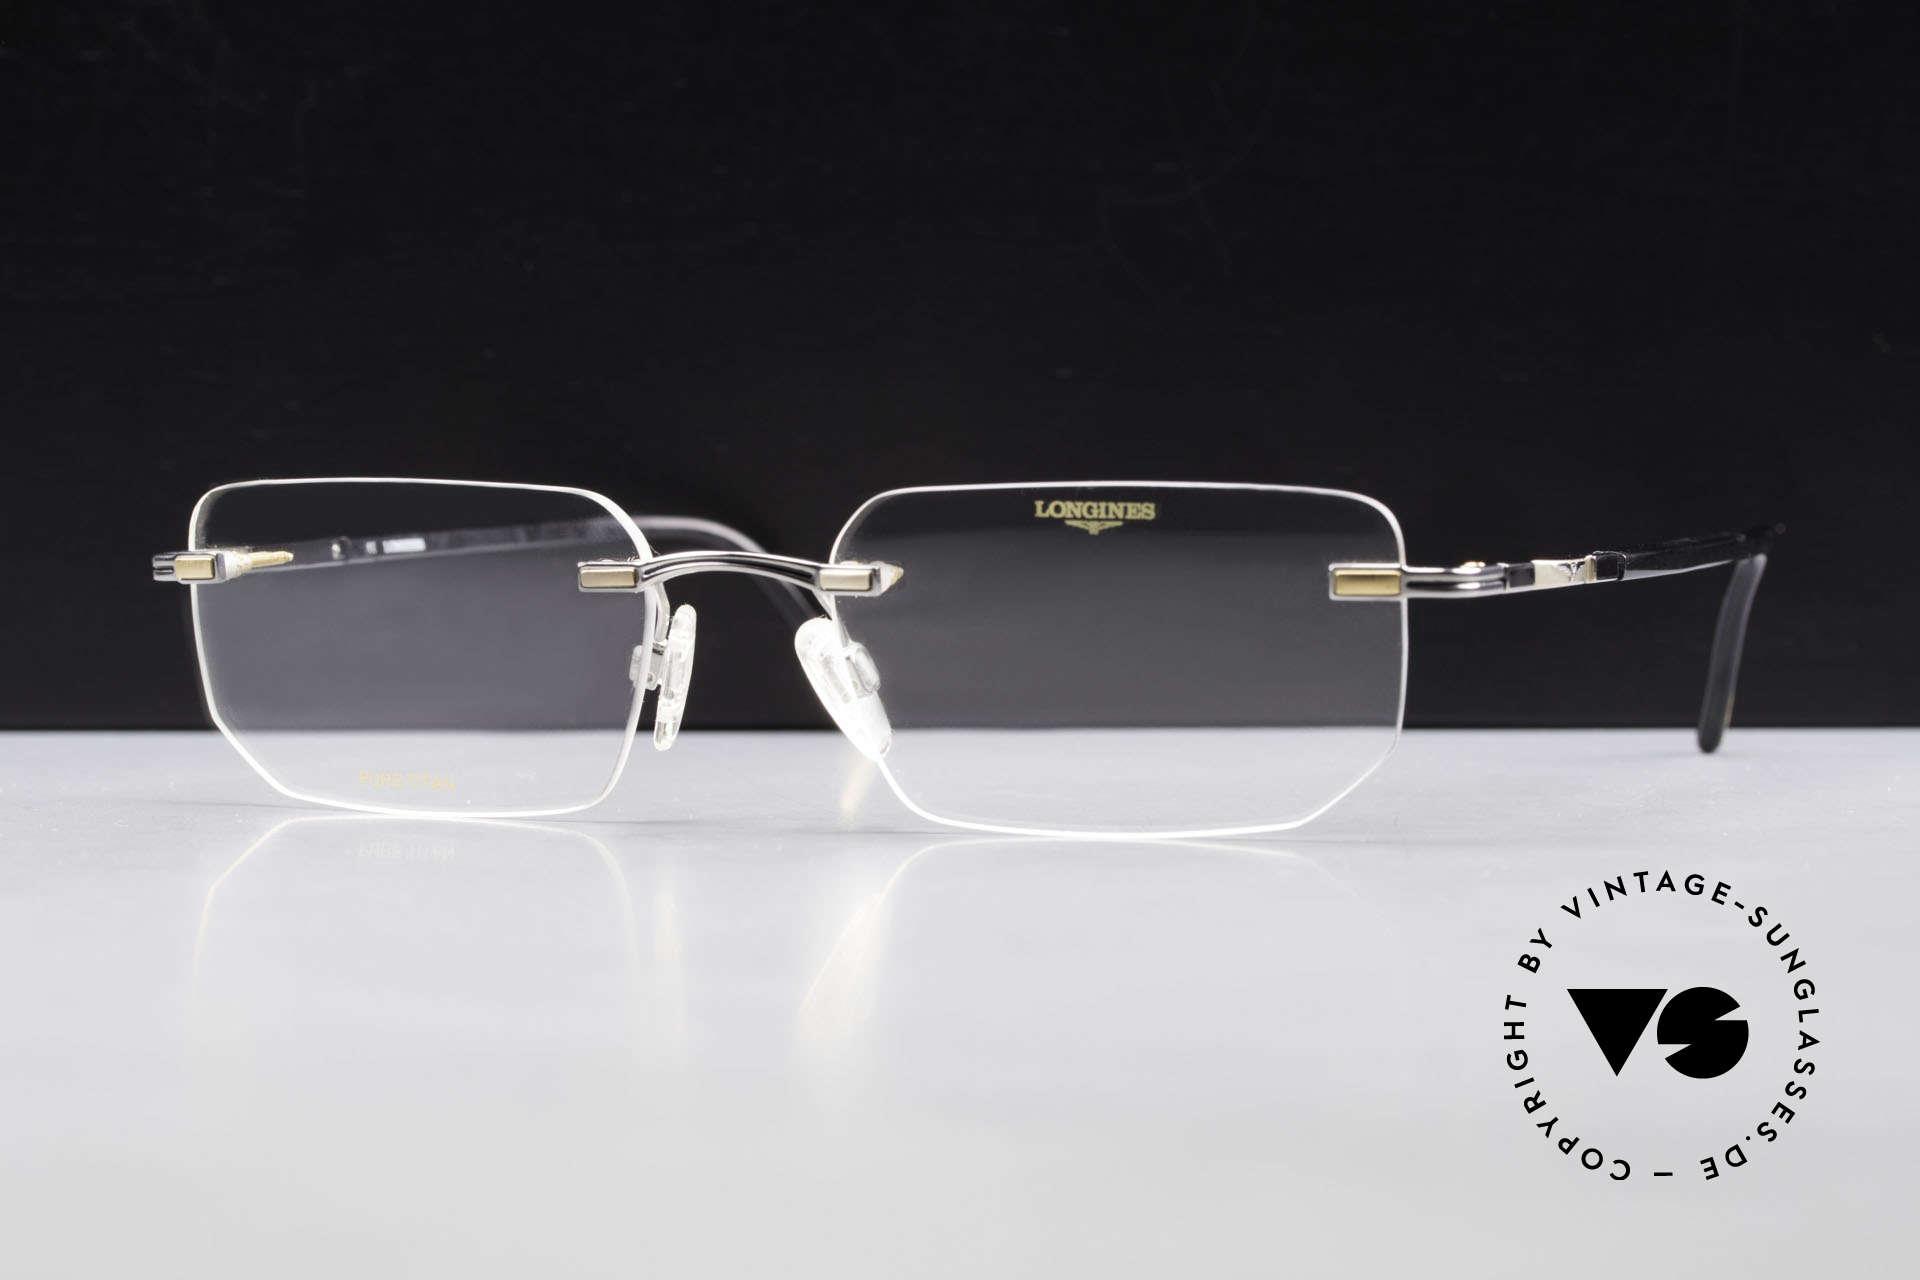 Longines 4238 Randlose 90er Brille Herren, die geflügelte Sanduhr als Longines-Logo auf den Bügeln, Passend für Herren